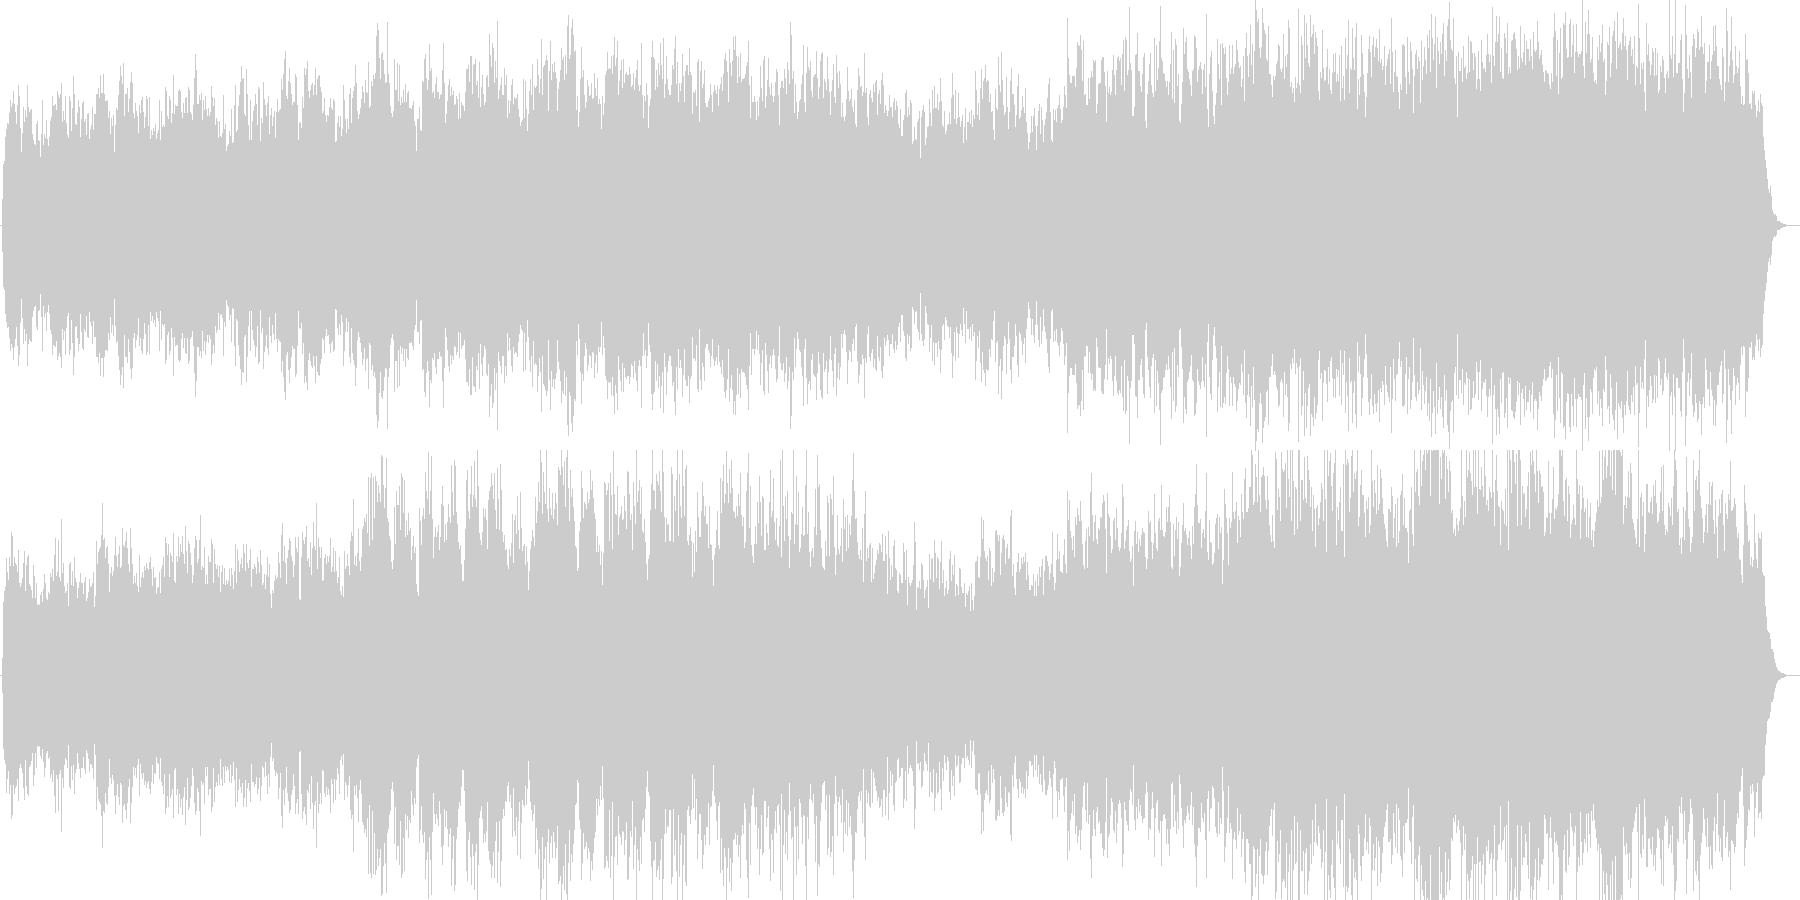 桜をイメージさせるキーボード曲の未再生の波形